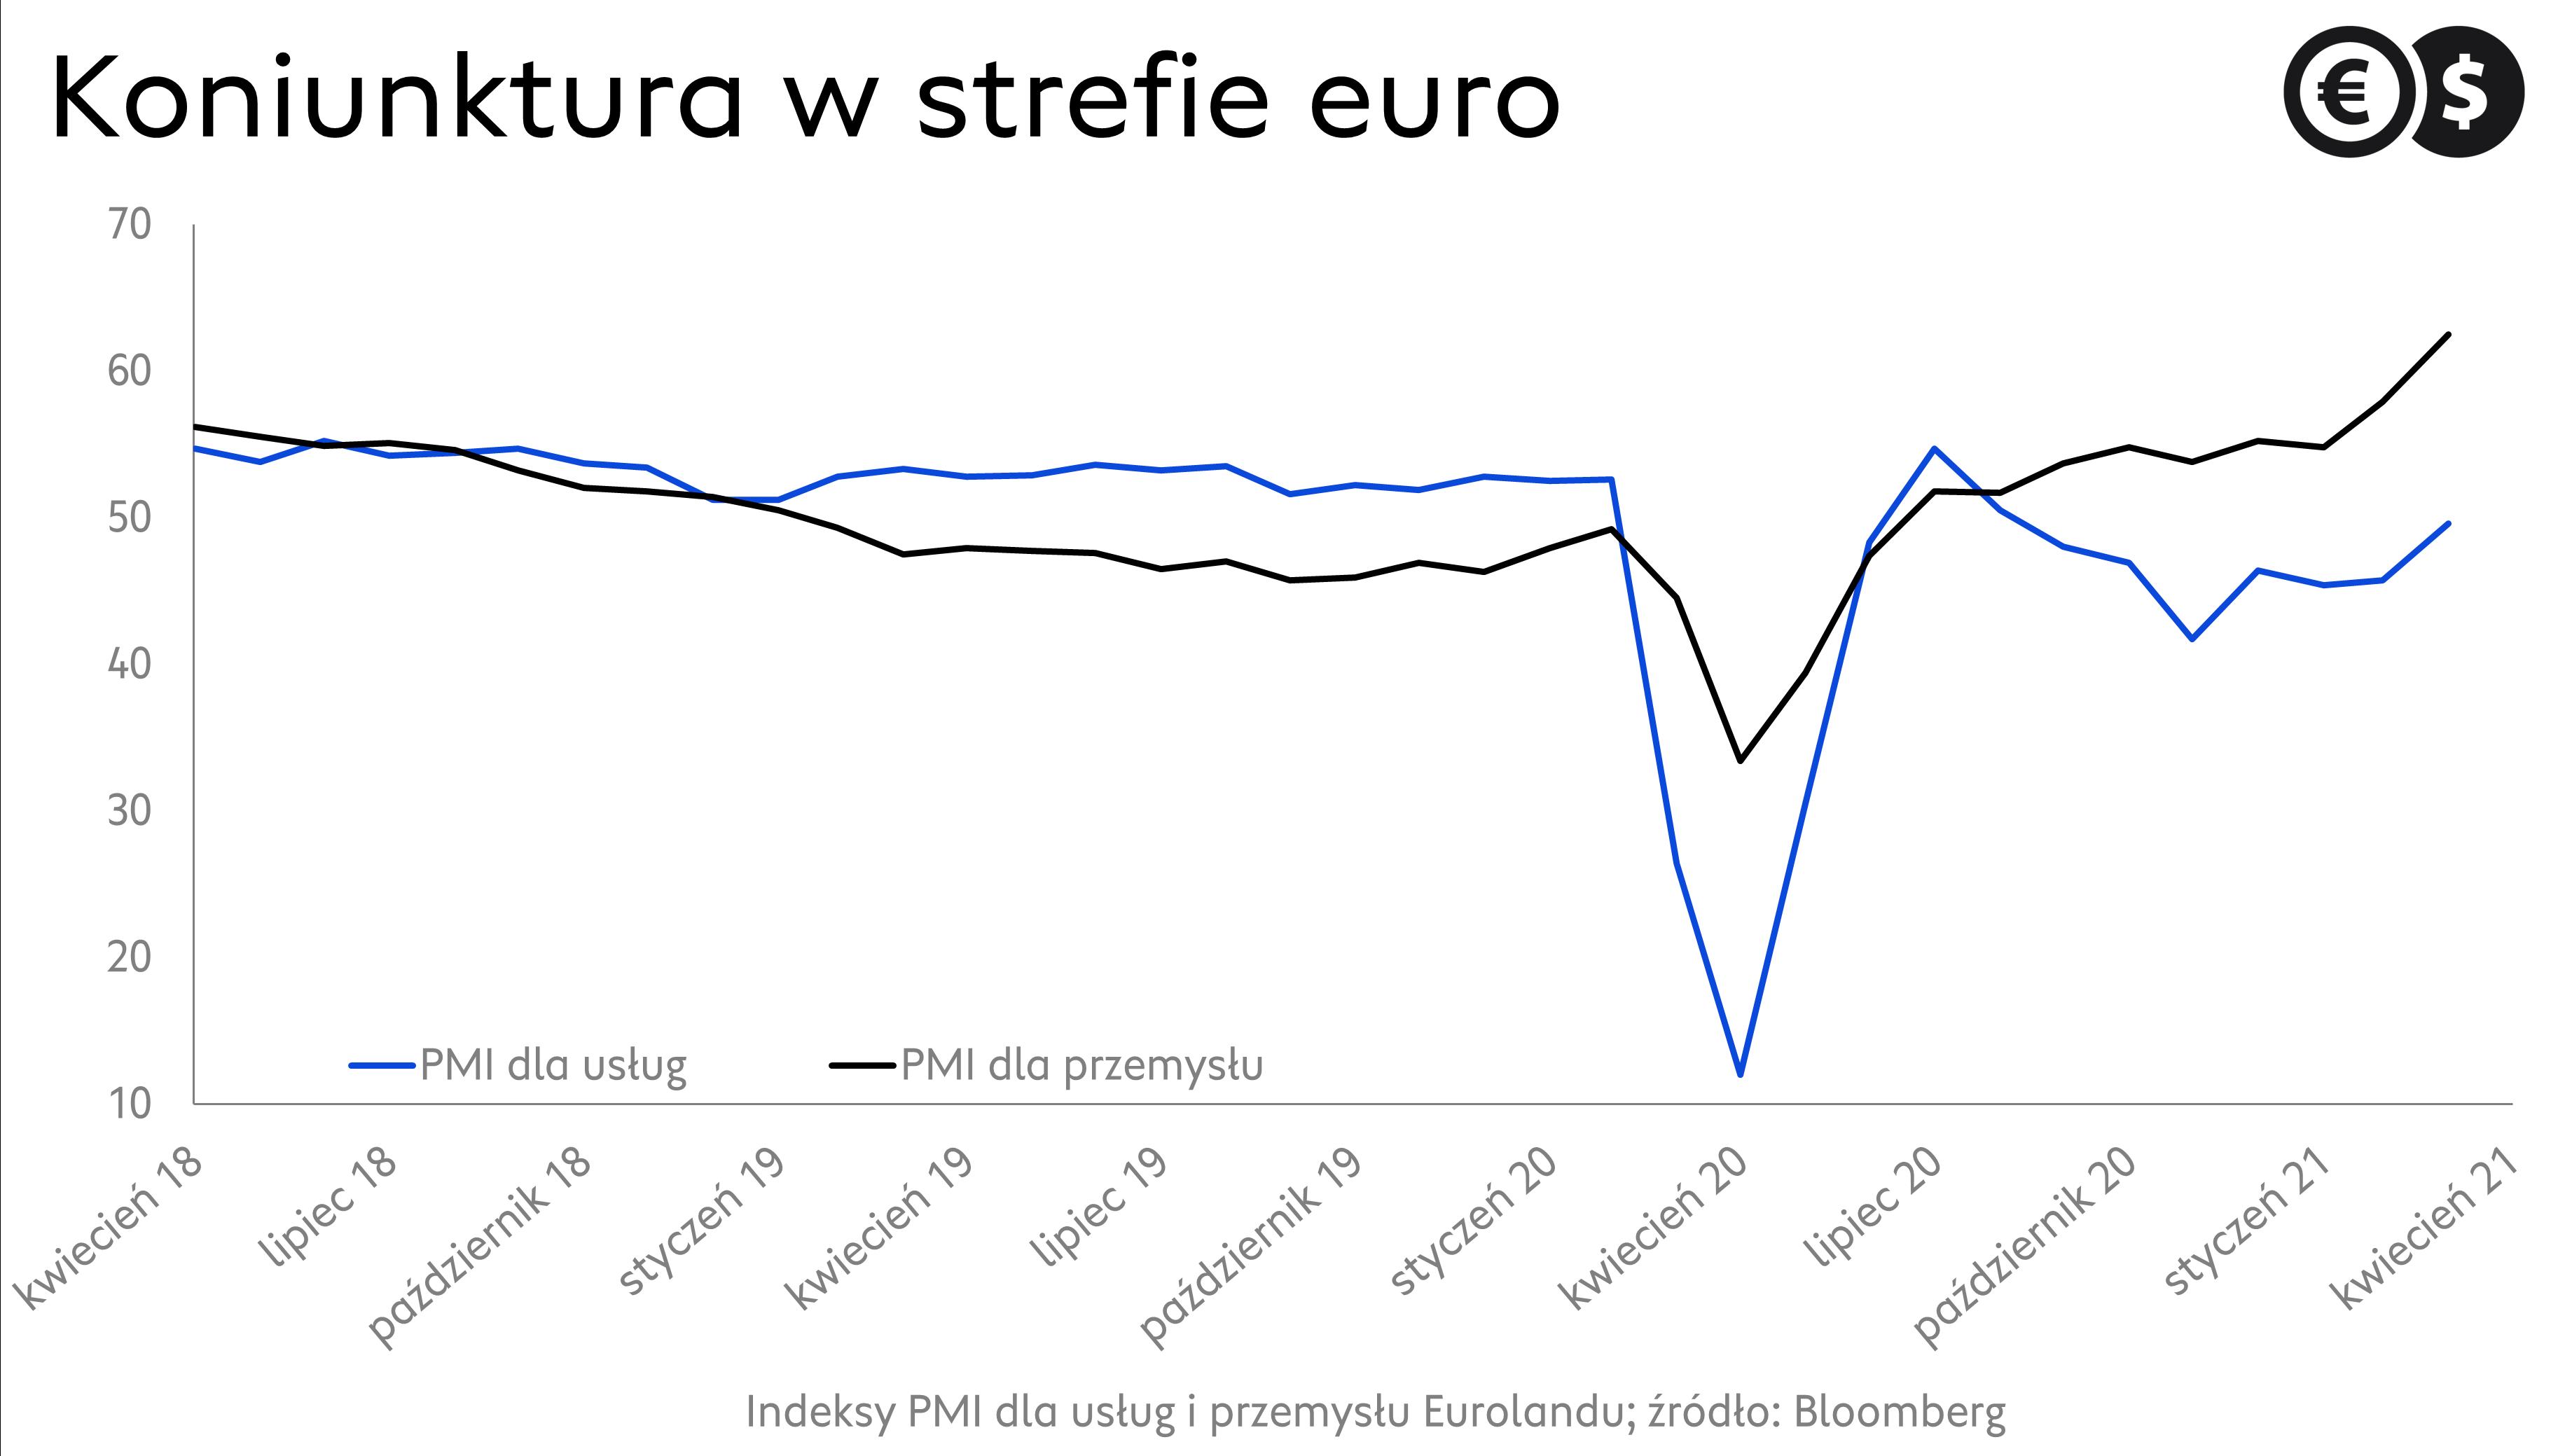 Indeksy PMI dla usług i przemysłu strefy euro; źródło: Bloomberg